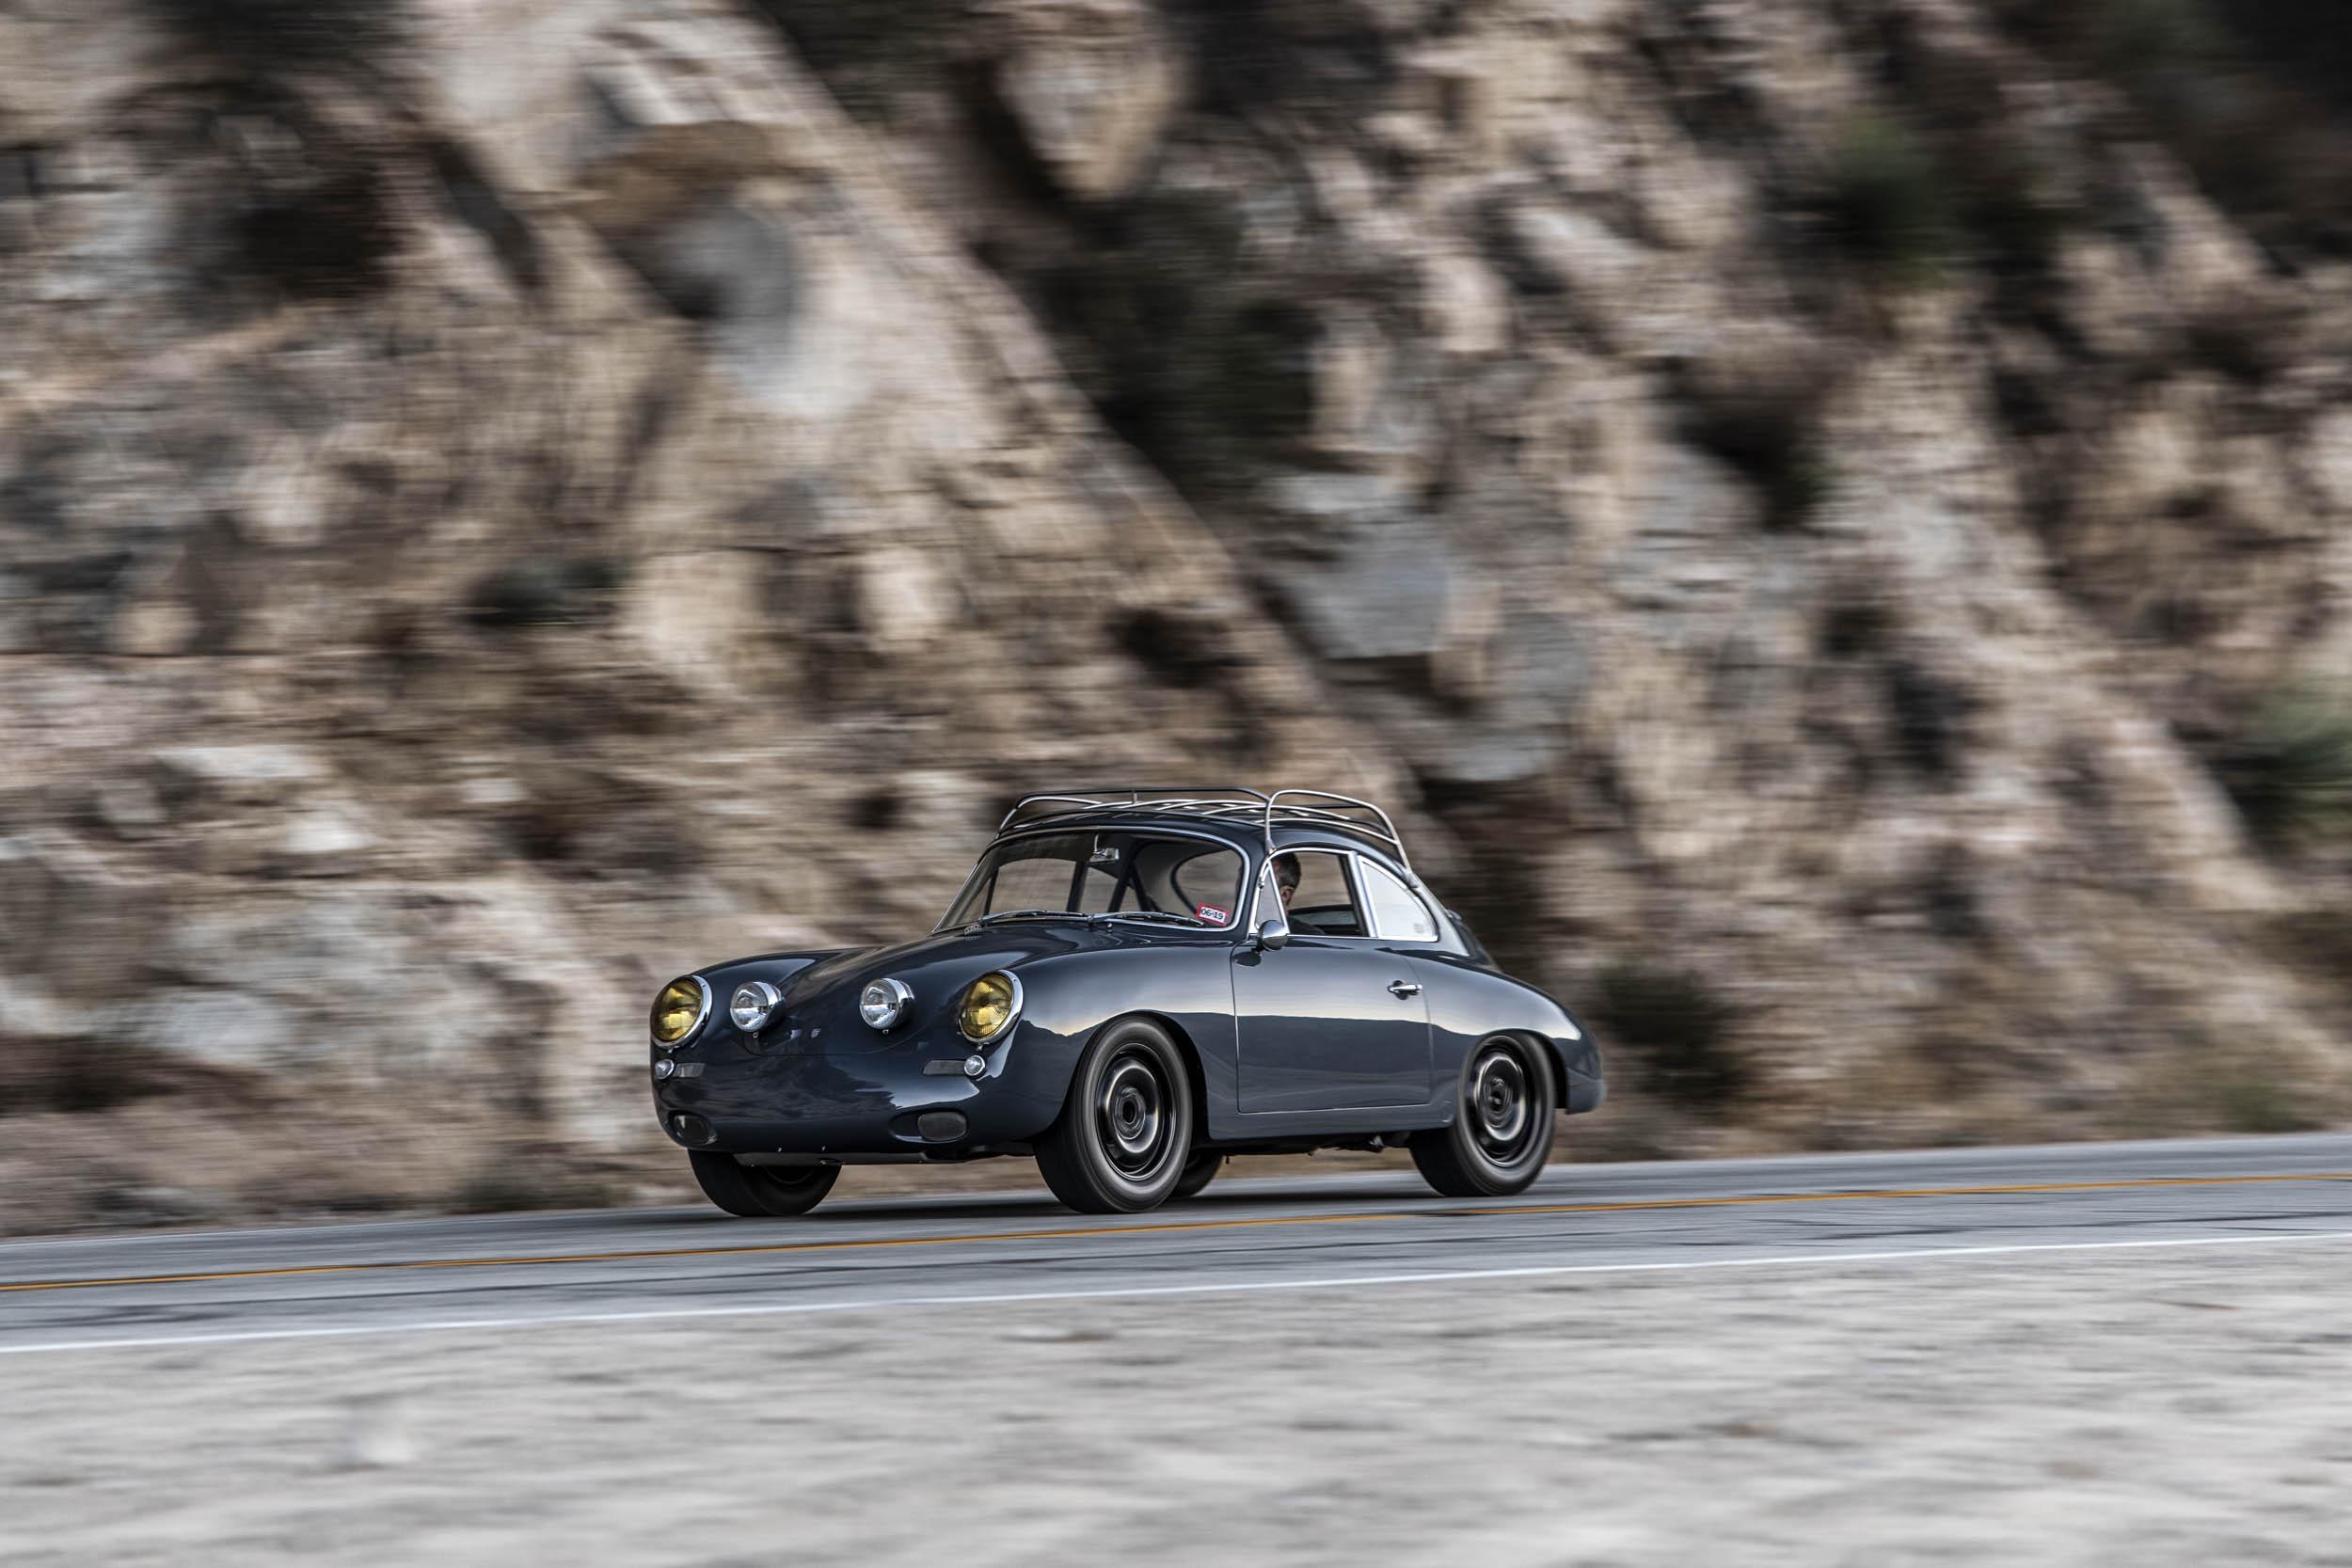 Emory Porsche 356 C4S Allrad driving